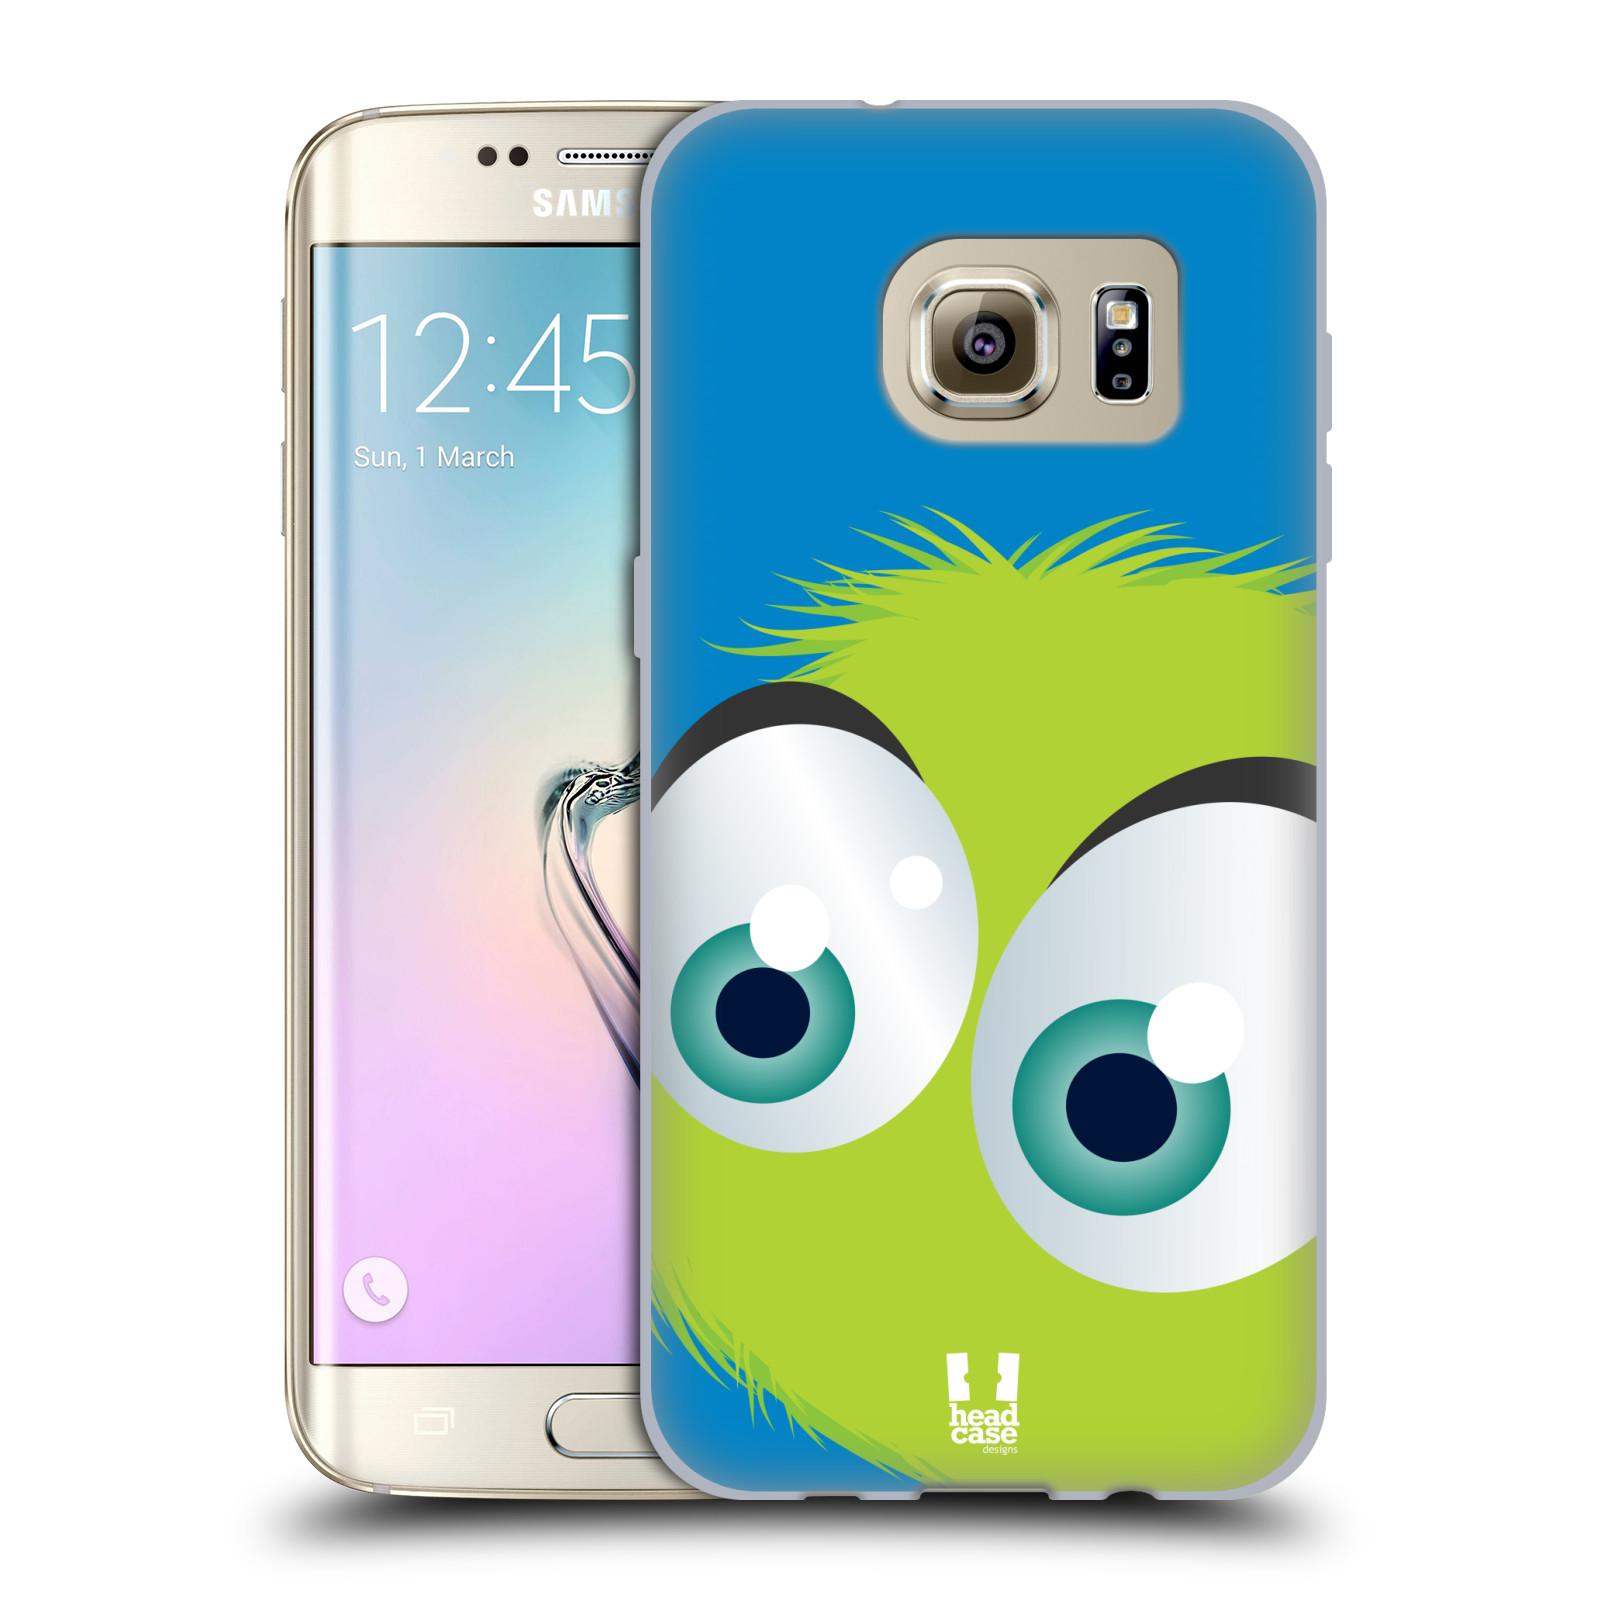 Silikonové pouzdro na mobil Samsung Galaxy S7 Edge HEAD CASE FUZÍK ZELENÝ (Silikonový kryt či obal na mobilní telefon Samsung Galaxy S7 Edge SM-G935F)